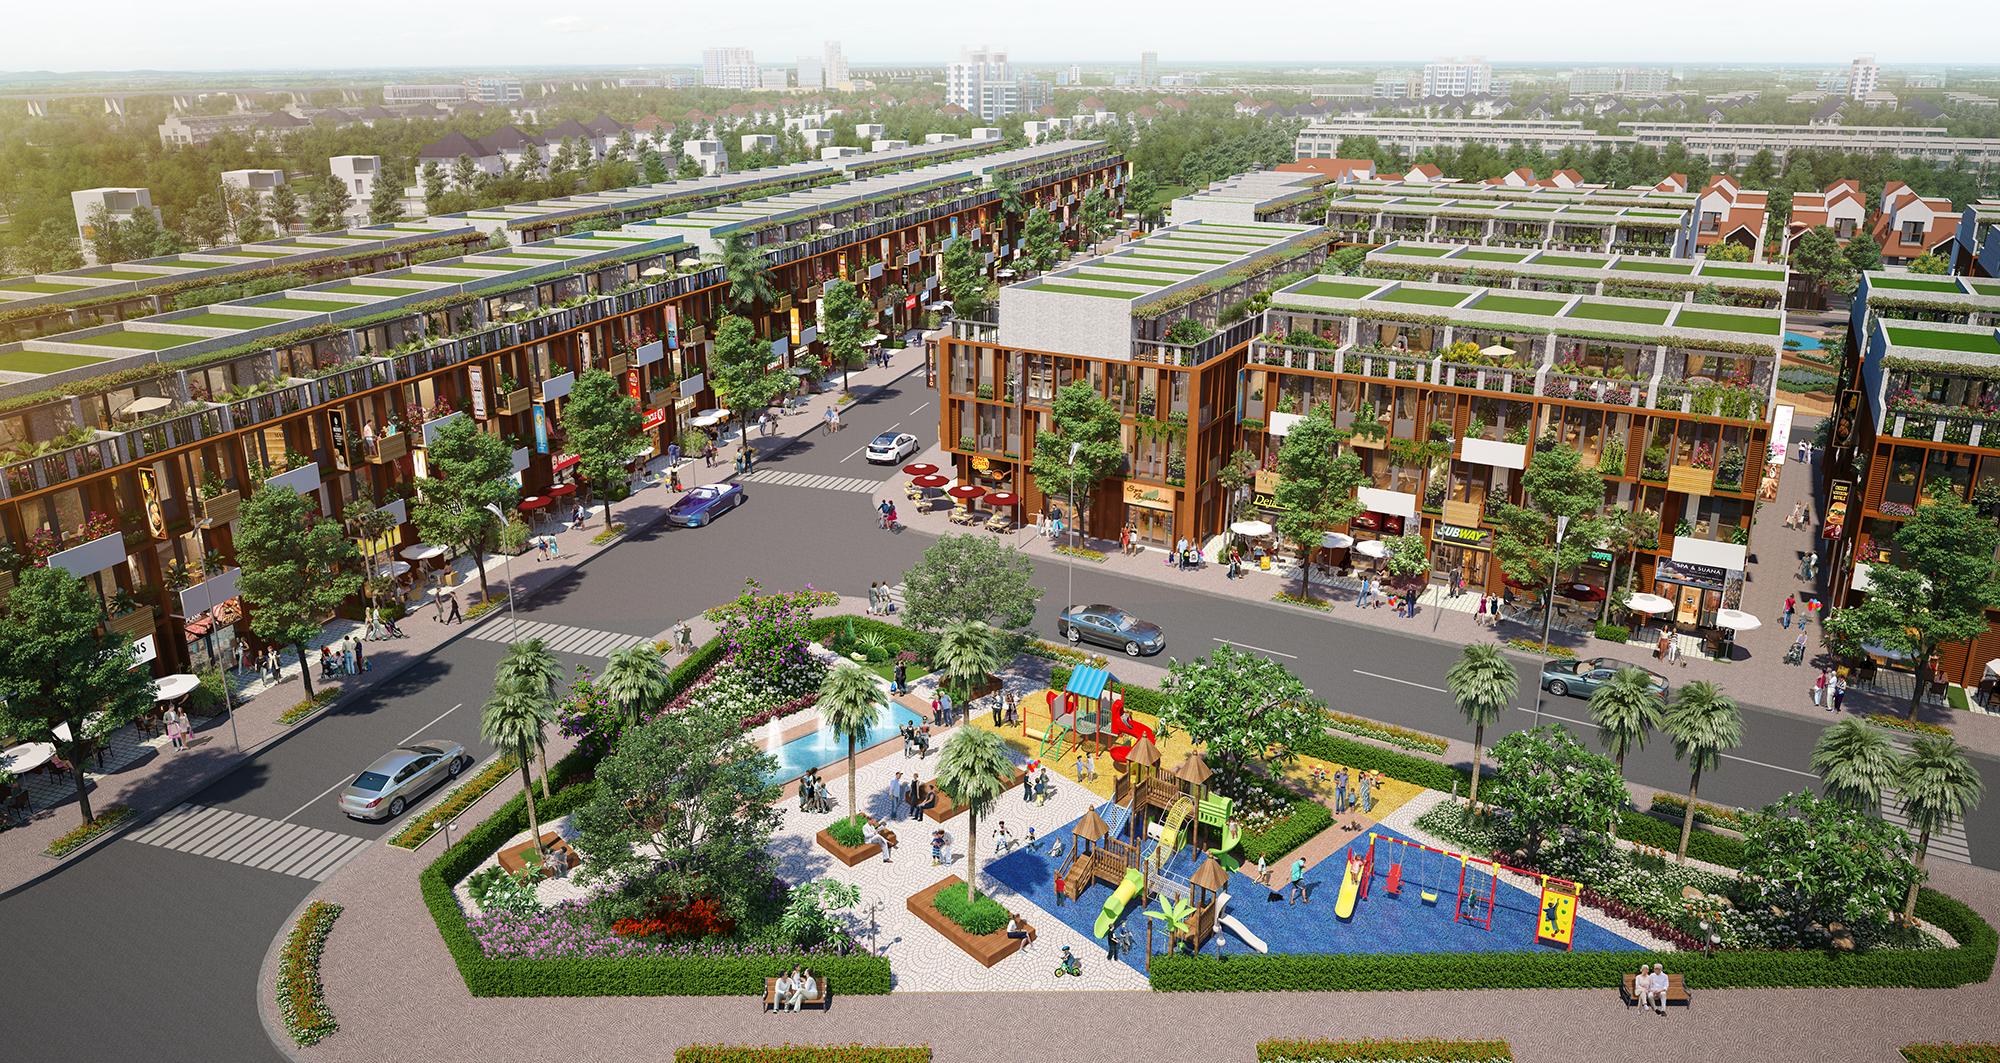 """Quy hoạch """"Thành phố sân bay"""" tại Long Thành sẽ mở ra bài toán đầu tư bất động sản Đồng Nai? - Ảnh 10."""